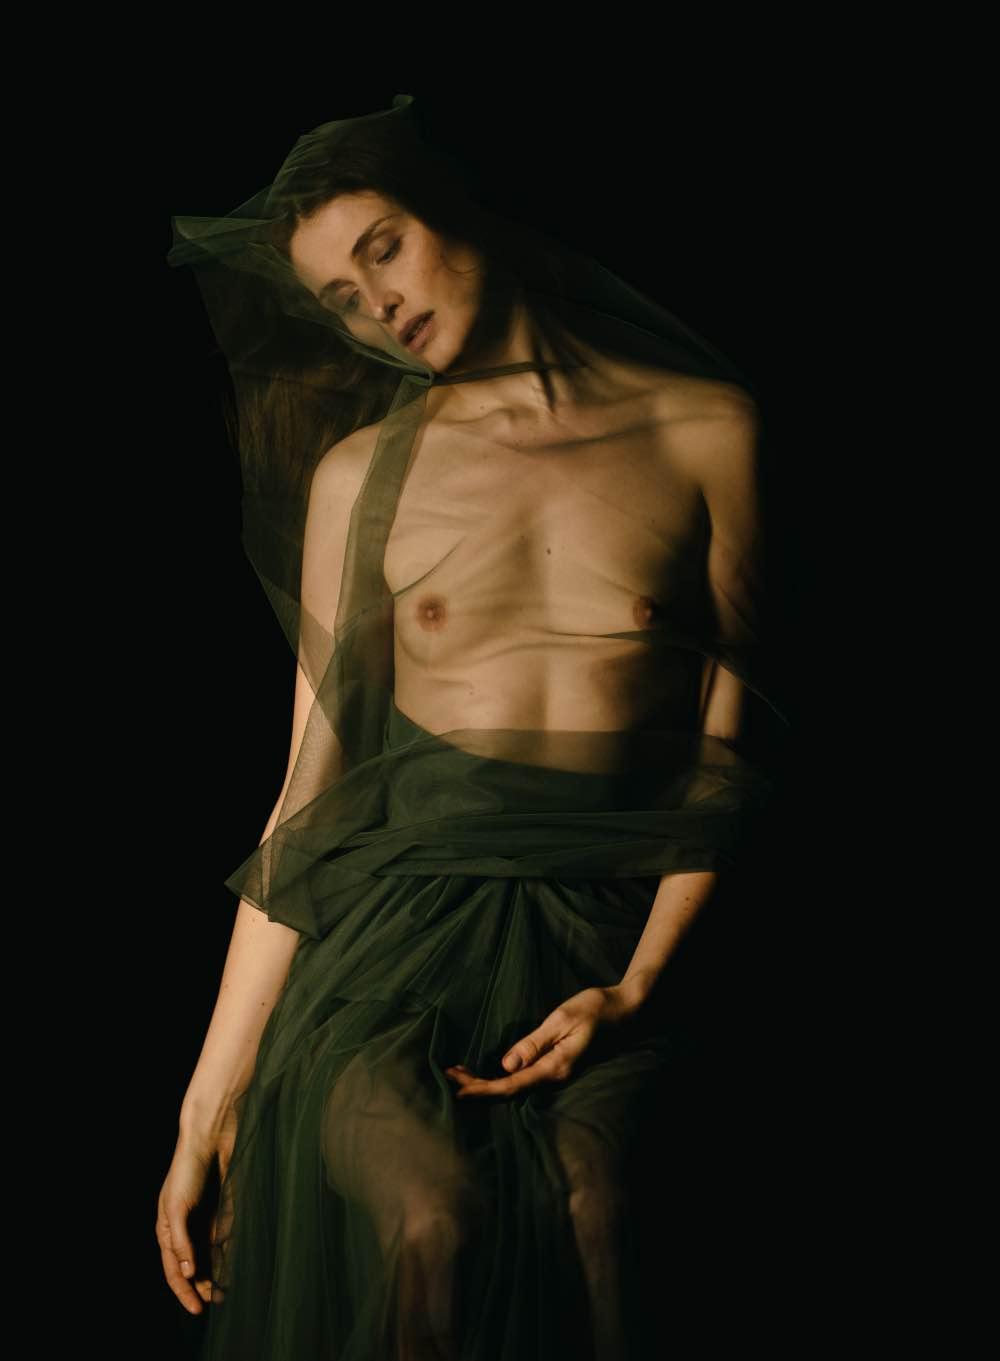 podzimní-umění-berlín-corpus-delicti-3